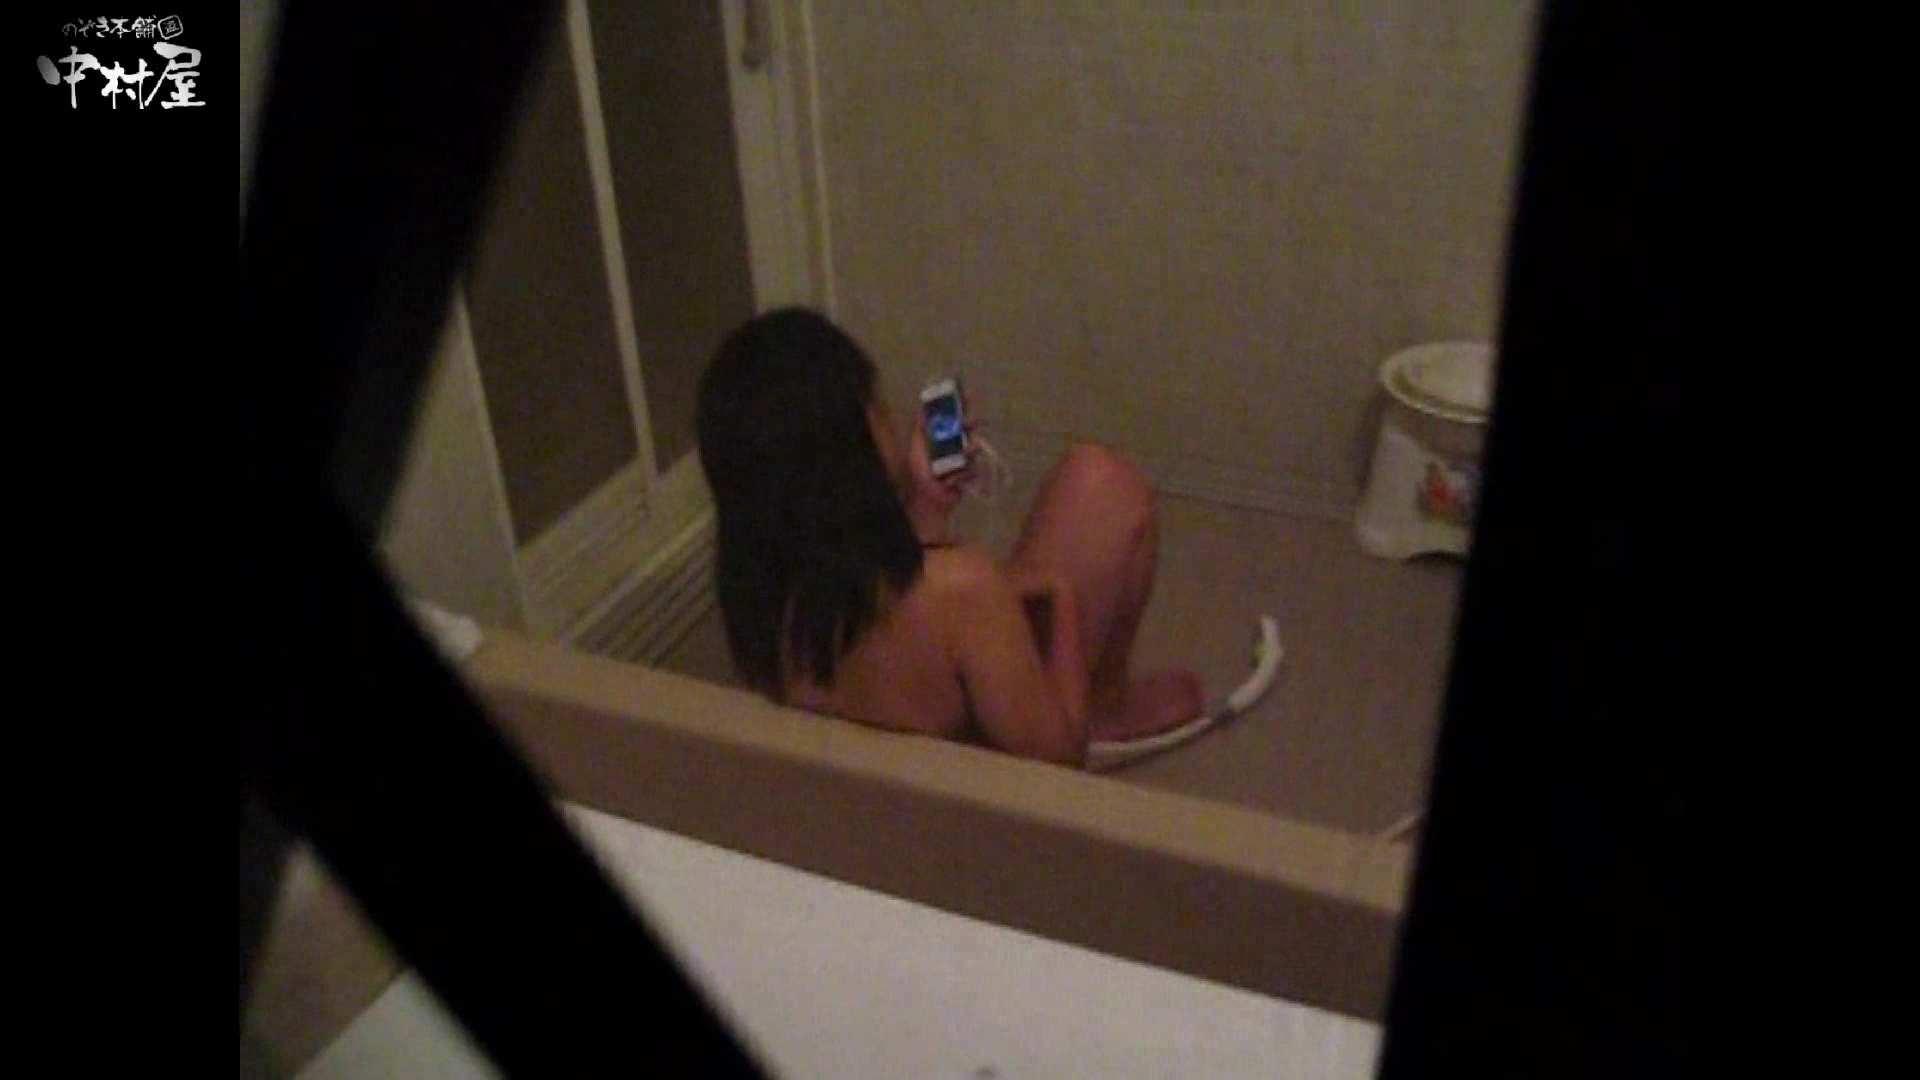 民家風呂専門盗撮師の超危険映像 vol.018 美少女丸裸 セックス画像 85pic 29